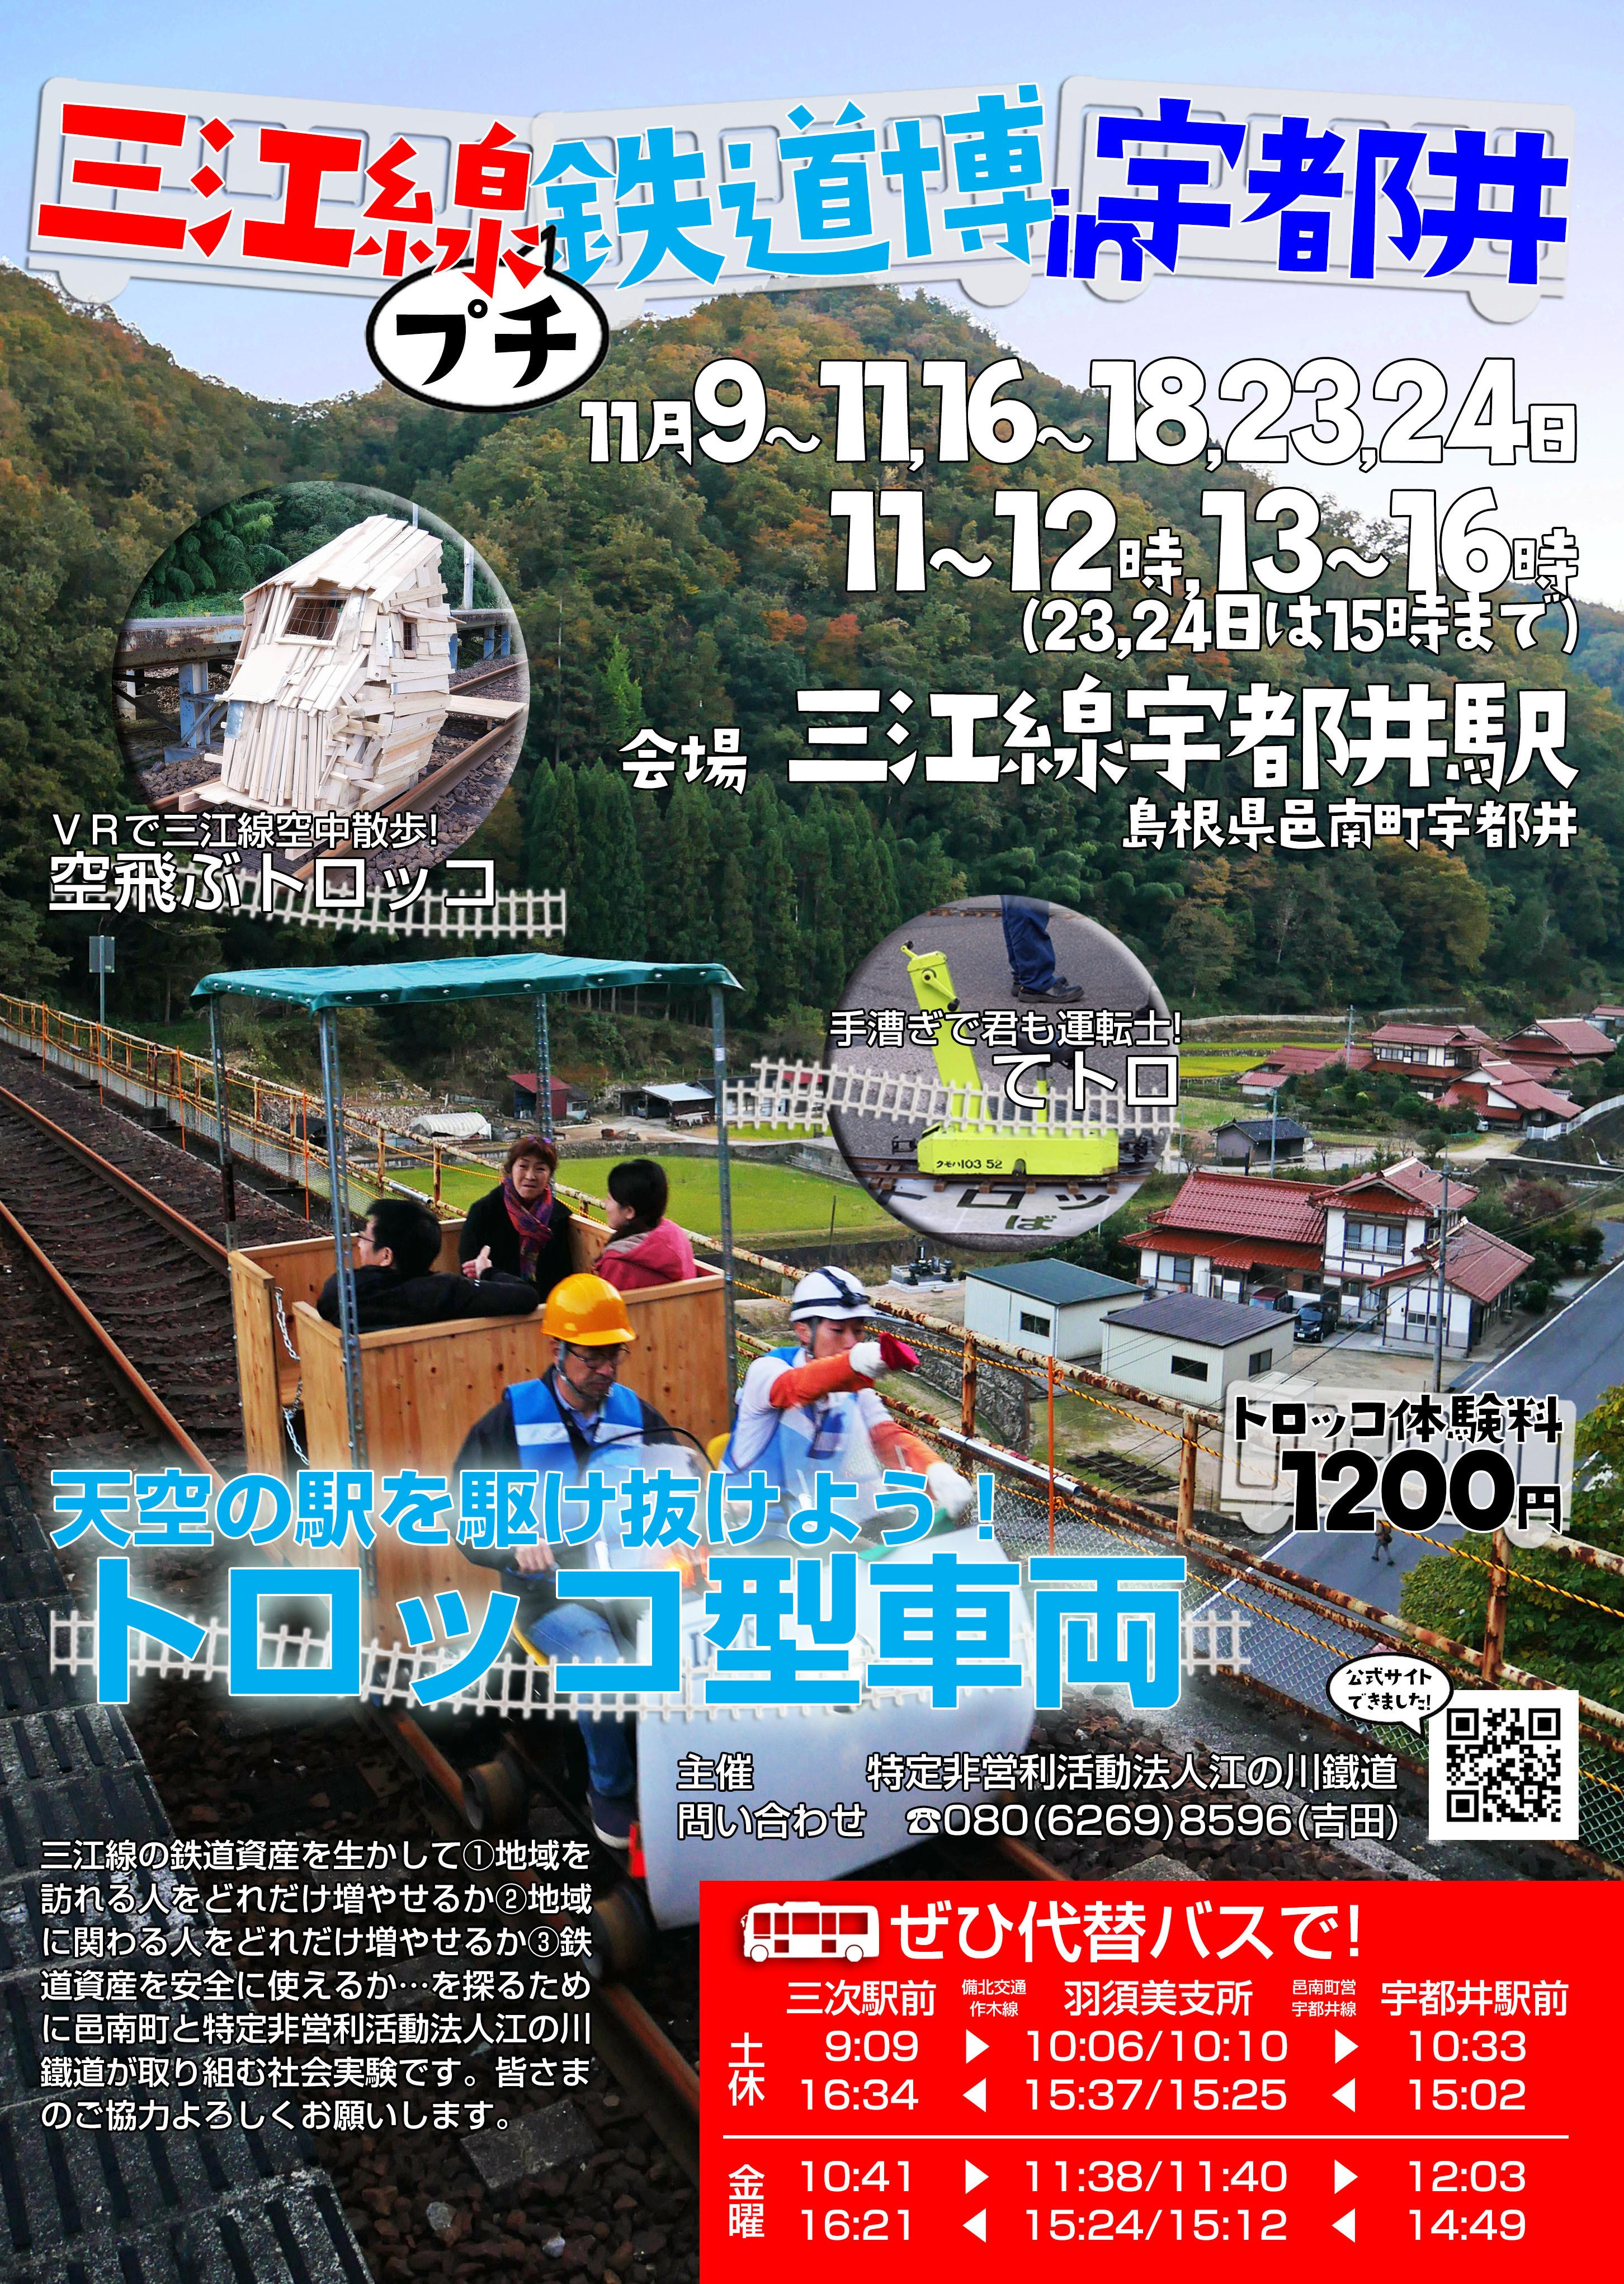 「三江線プチ鉄道博in宇都井」(チラシ)